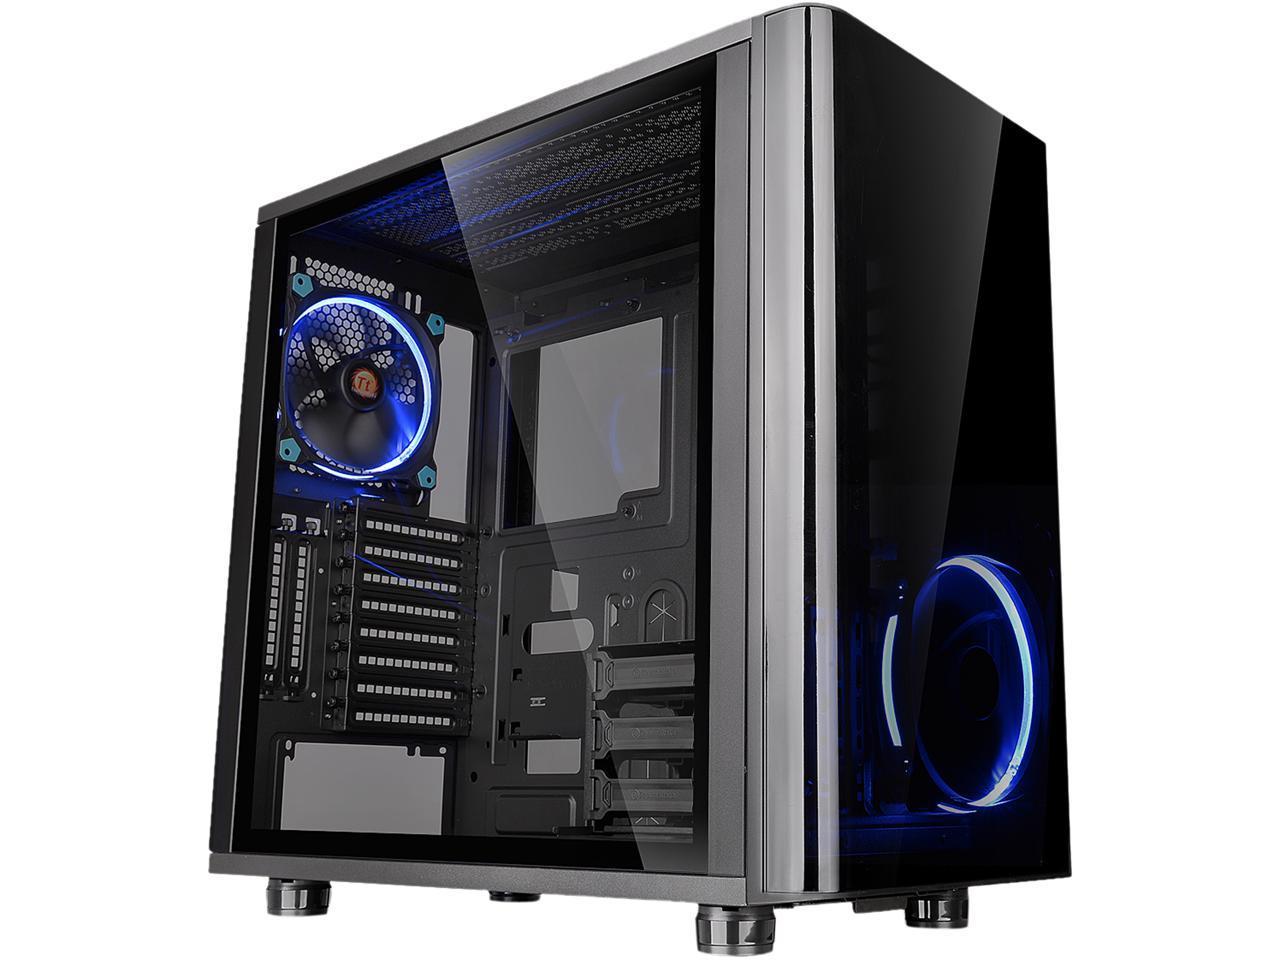 Computer Cases, Desktop Gaming PC Cases - Newegg.com